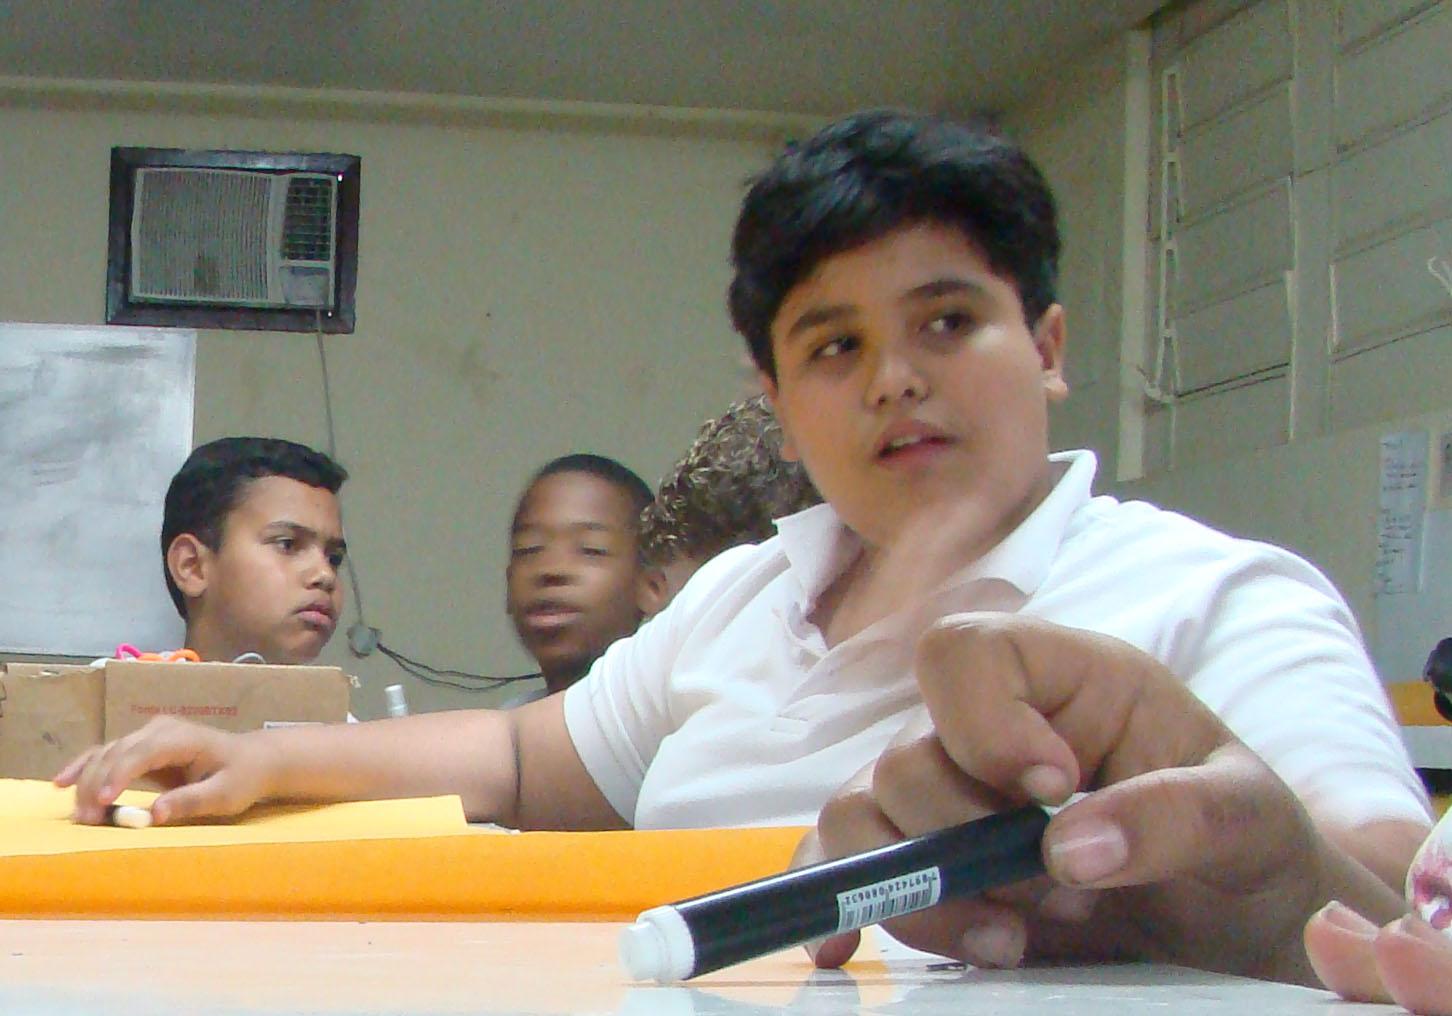 Filme Ta Chovendo Hamburguer Dublado Completo in escola livre de cinema de nova iguaçu: setembro 2011